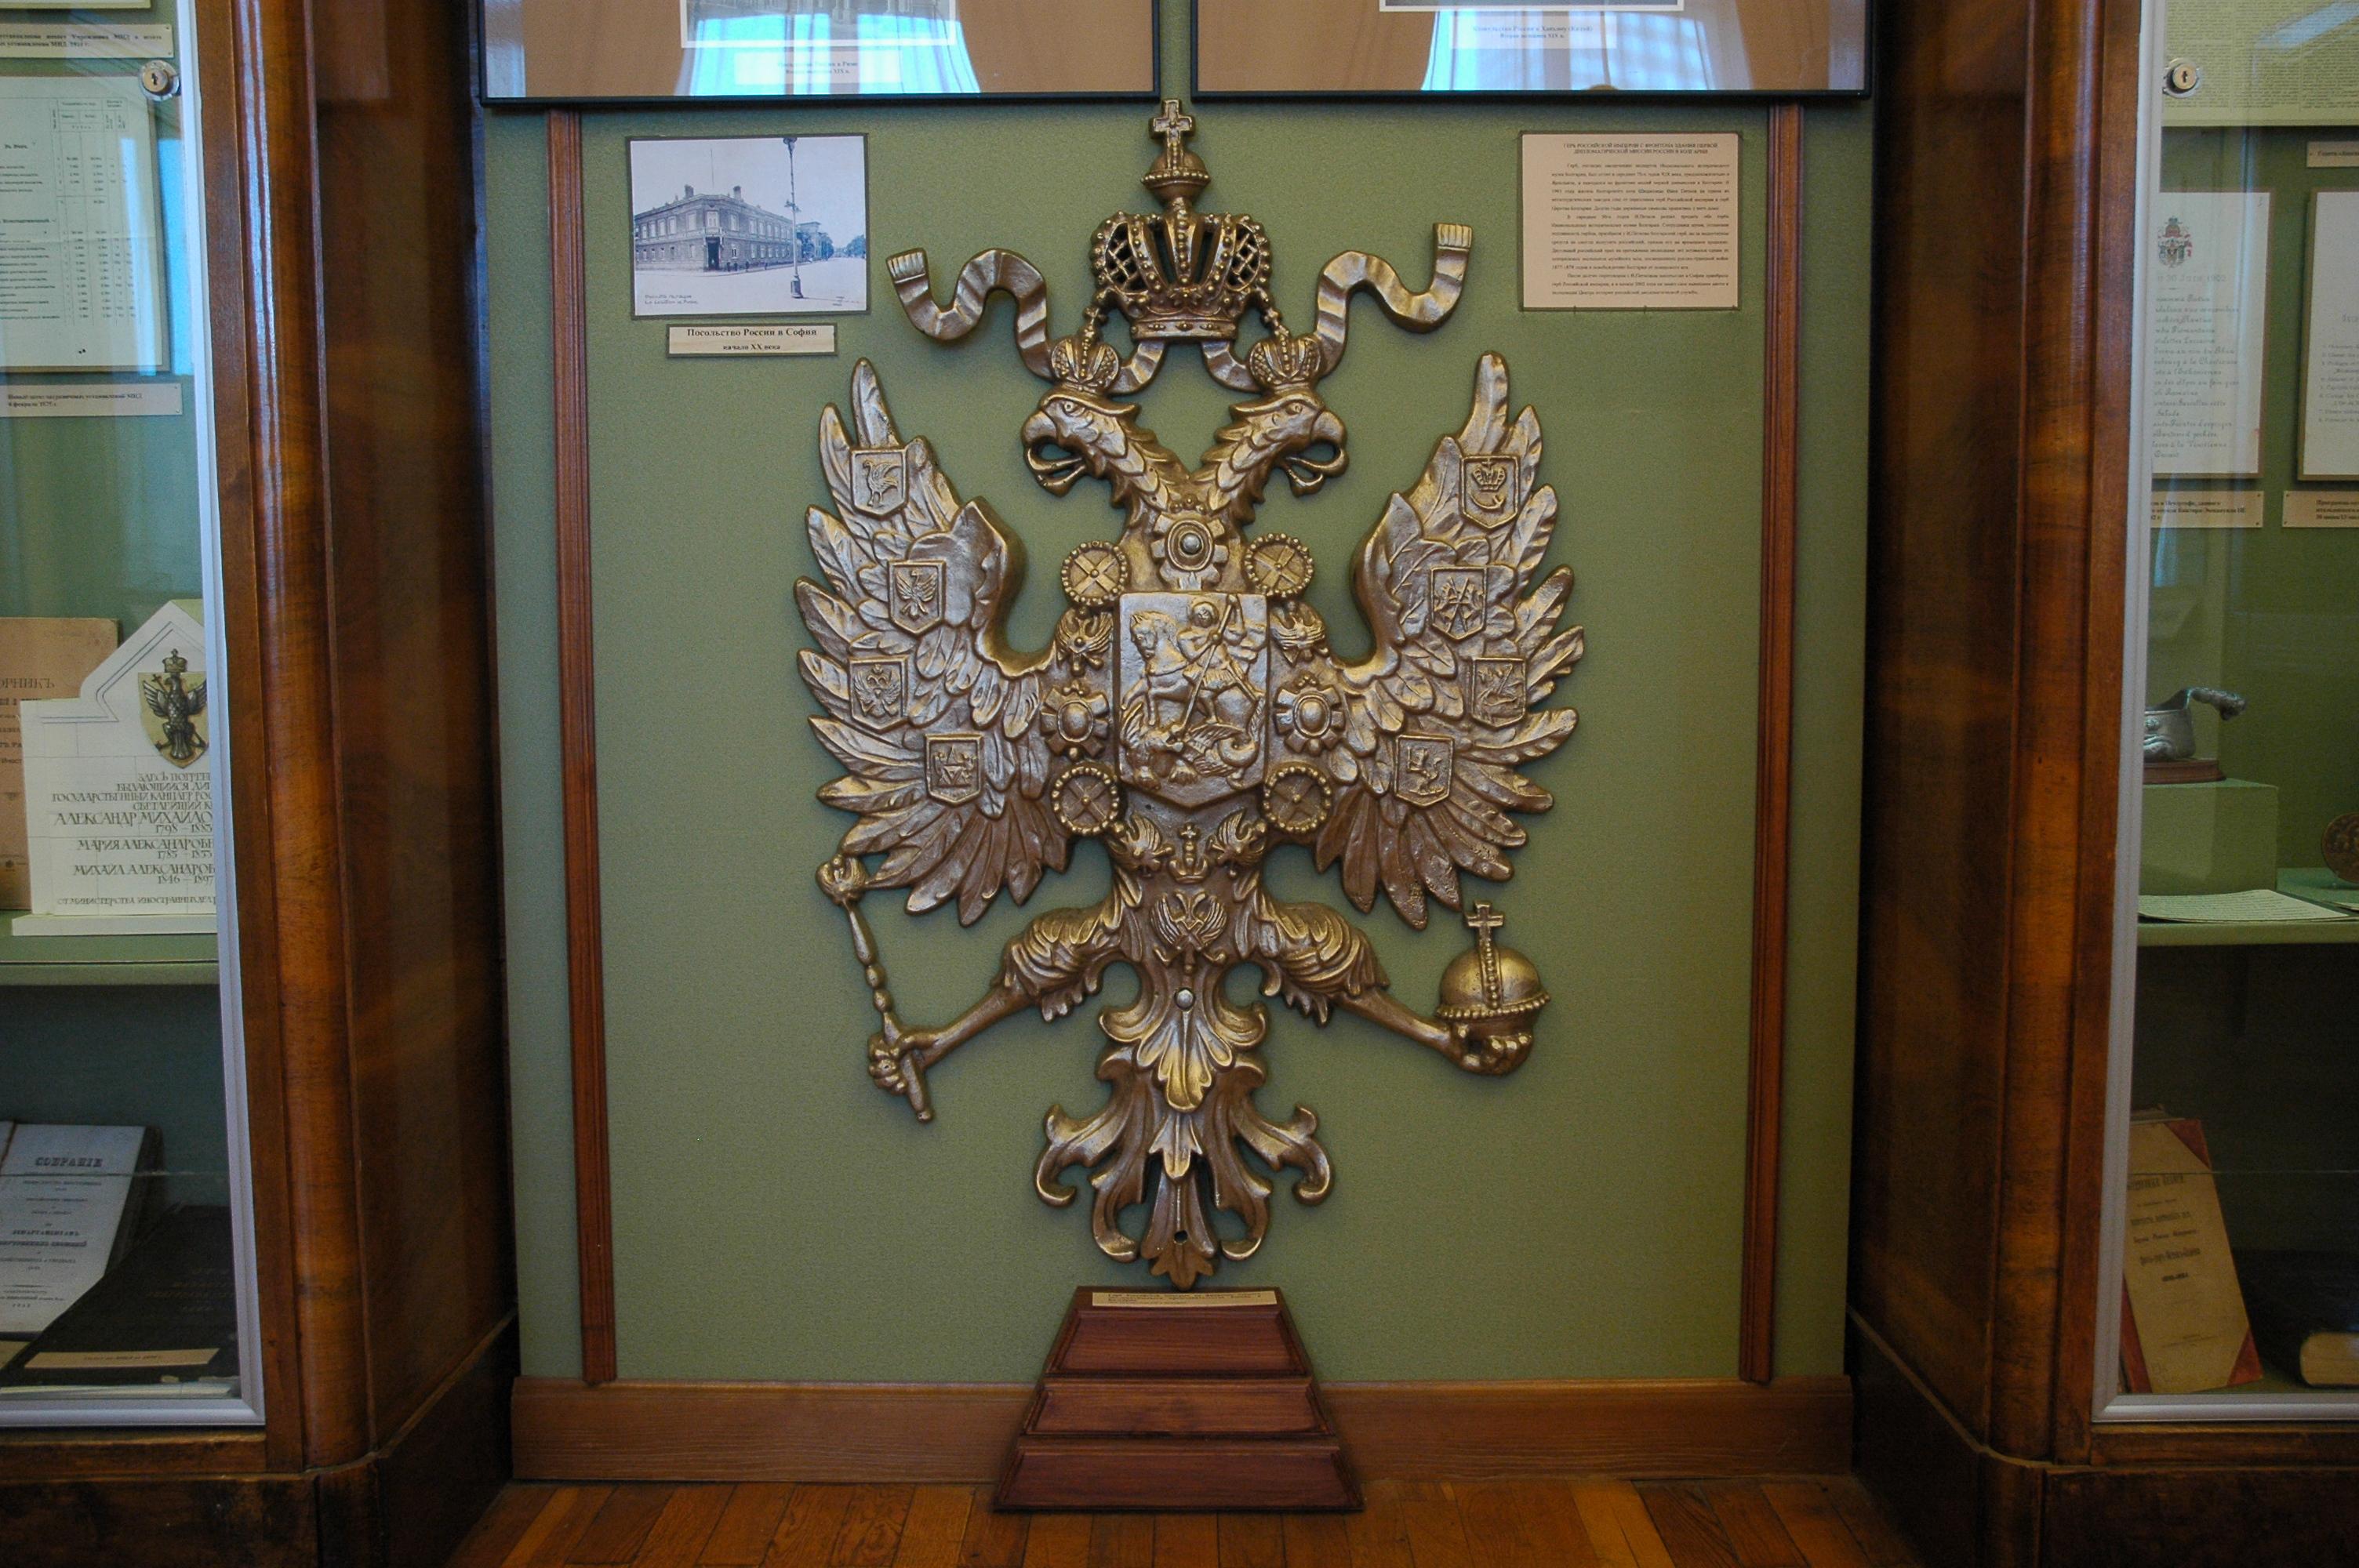 Герб Российской империи из Посольства России, позже СССР в Софии, Болгария